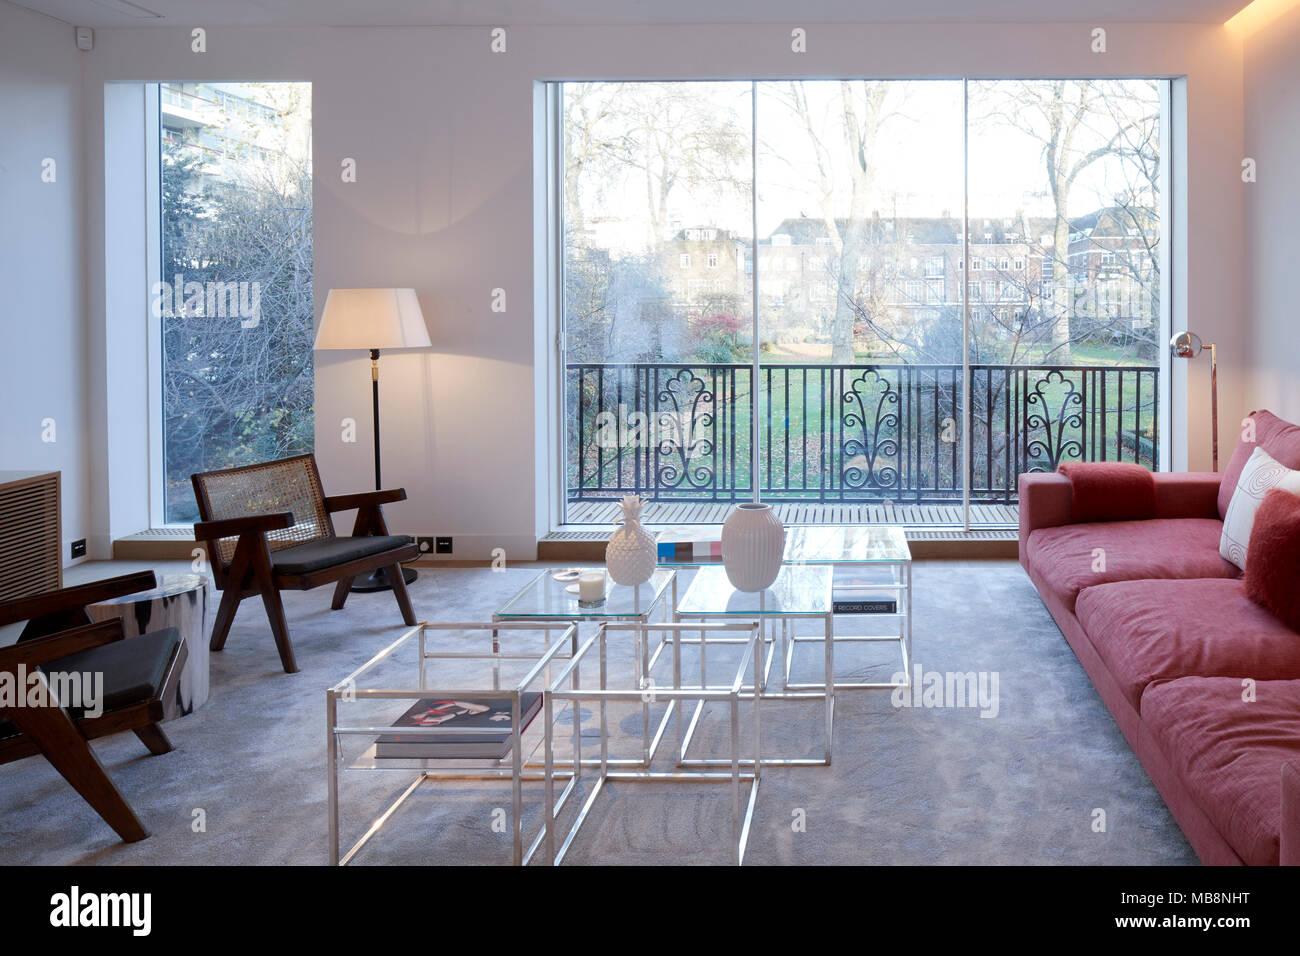 Beste Einzimmerwohnung Einrichten Interieur Gothic Kultur